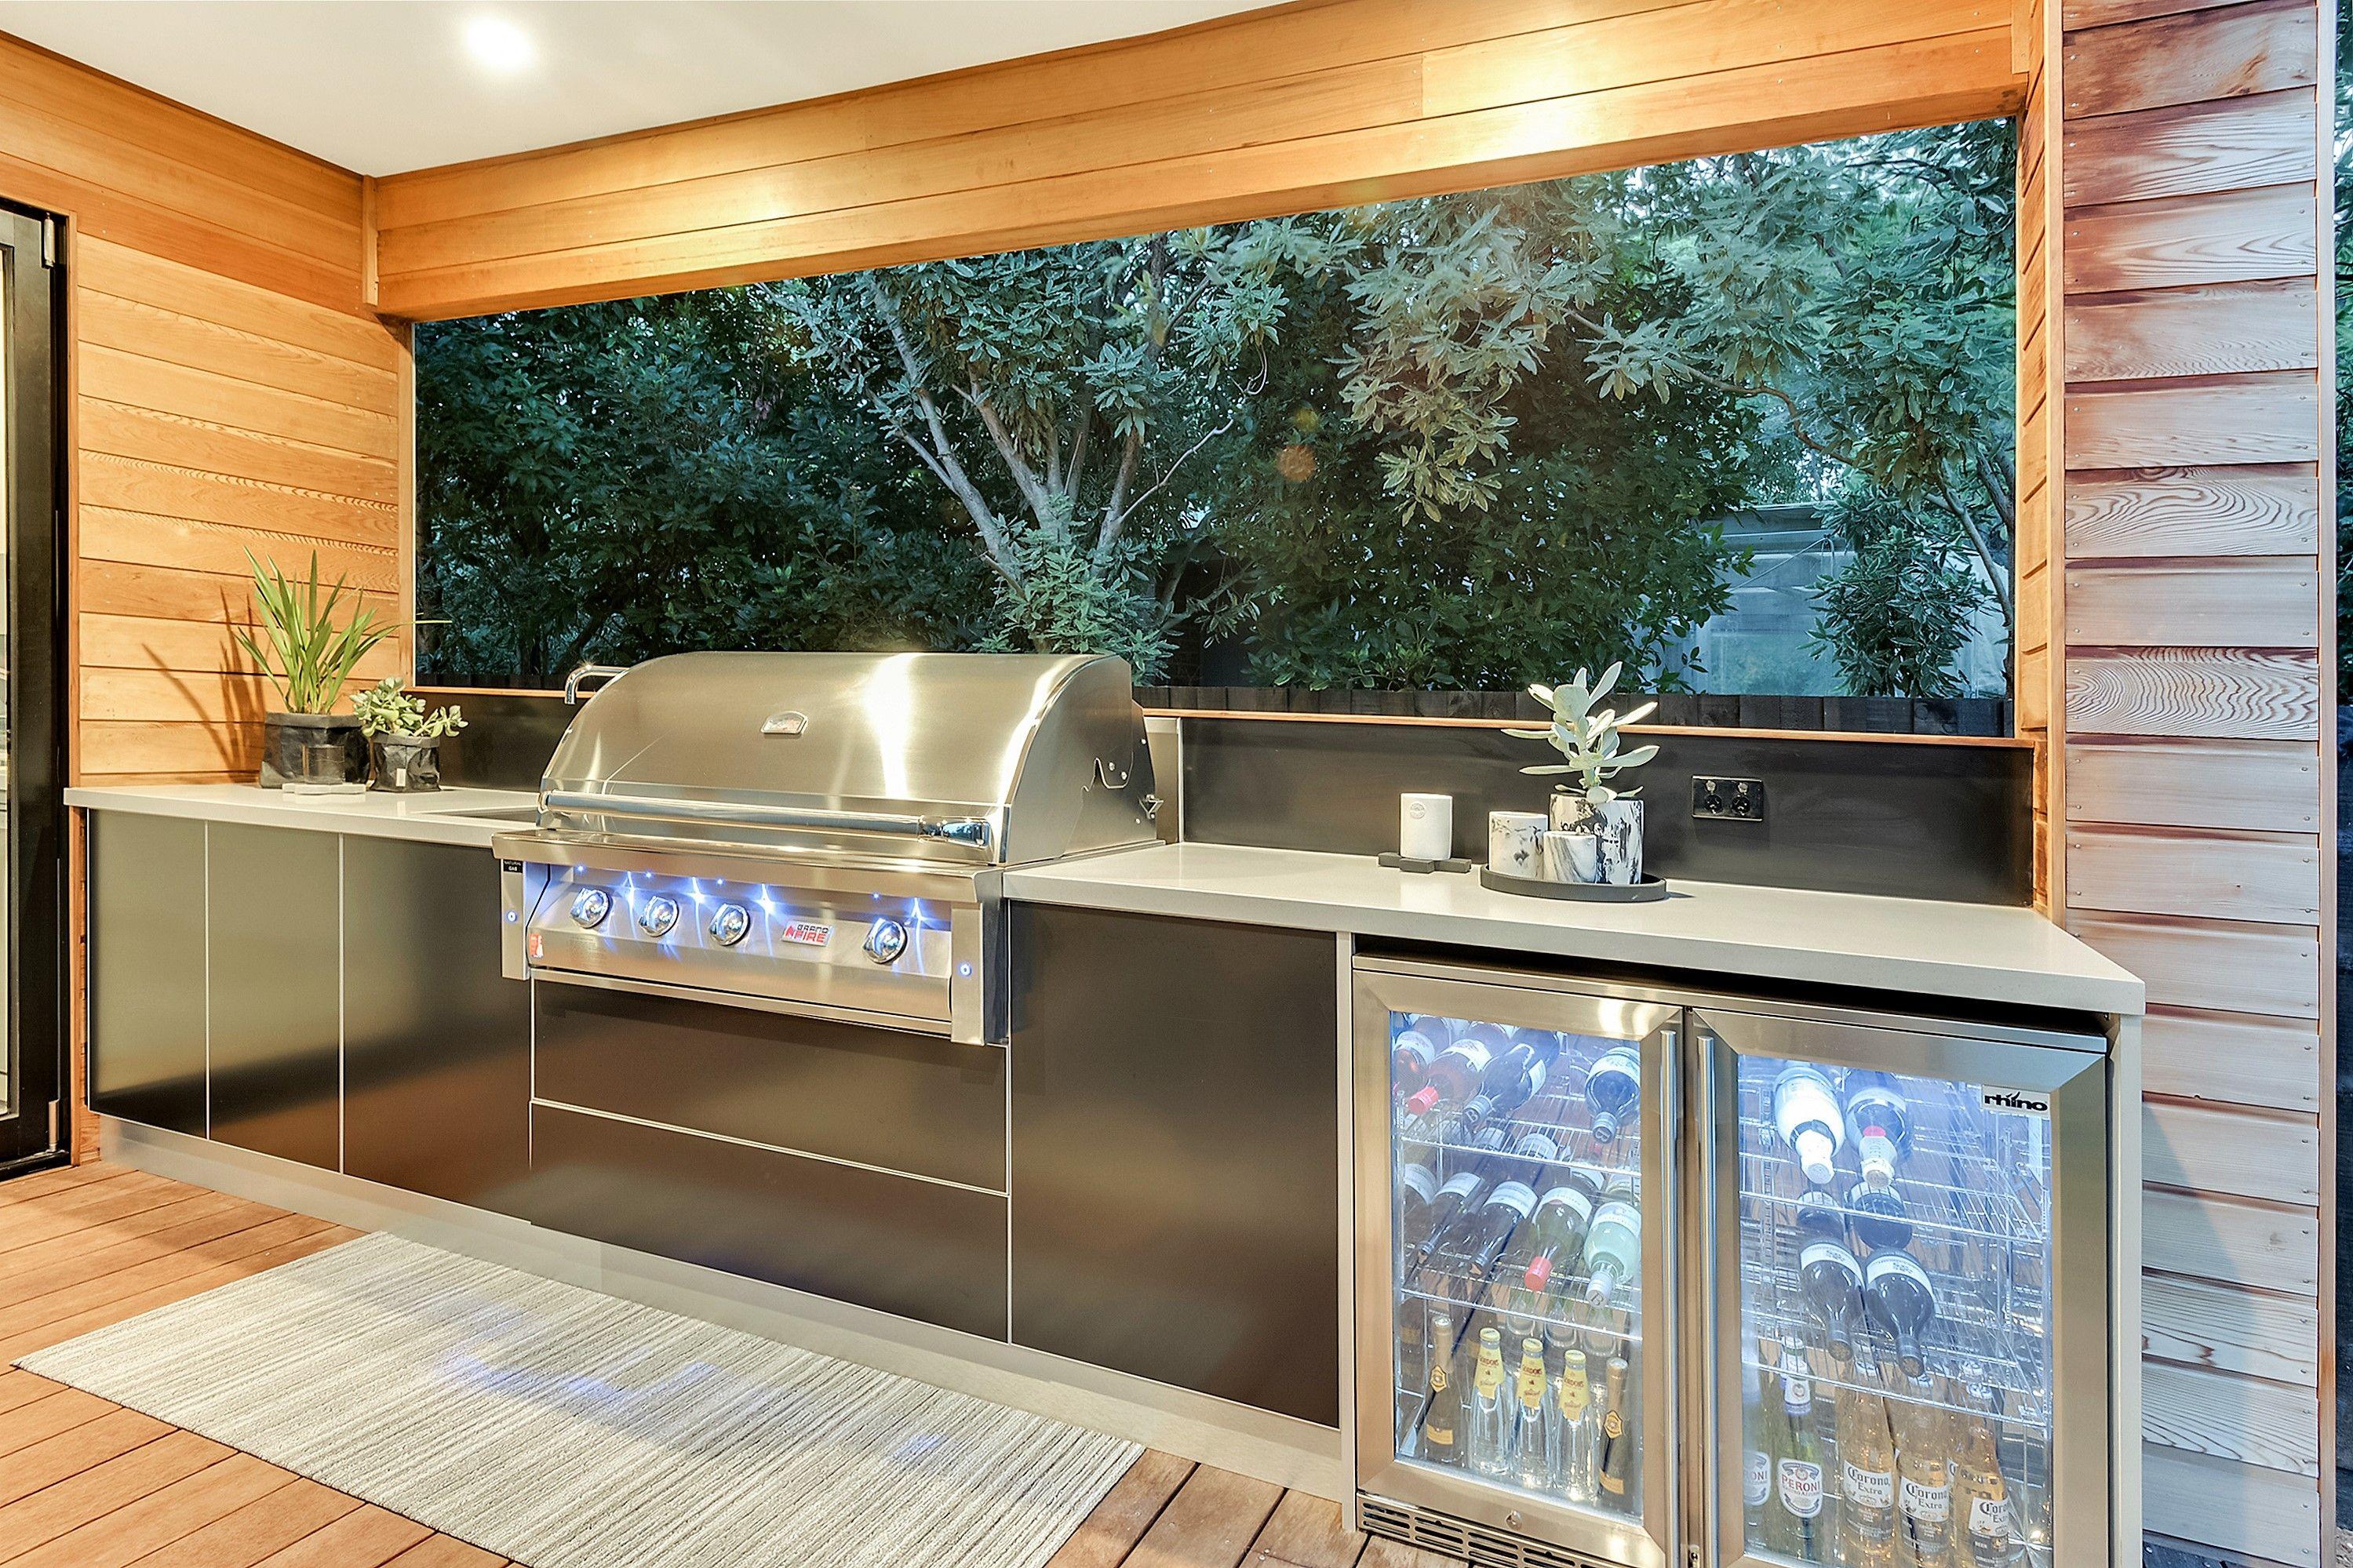 Alfresco Kitchens - Limetree Alfresco Outdoor Kitchens | BBQ ...